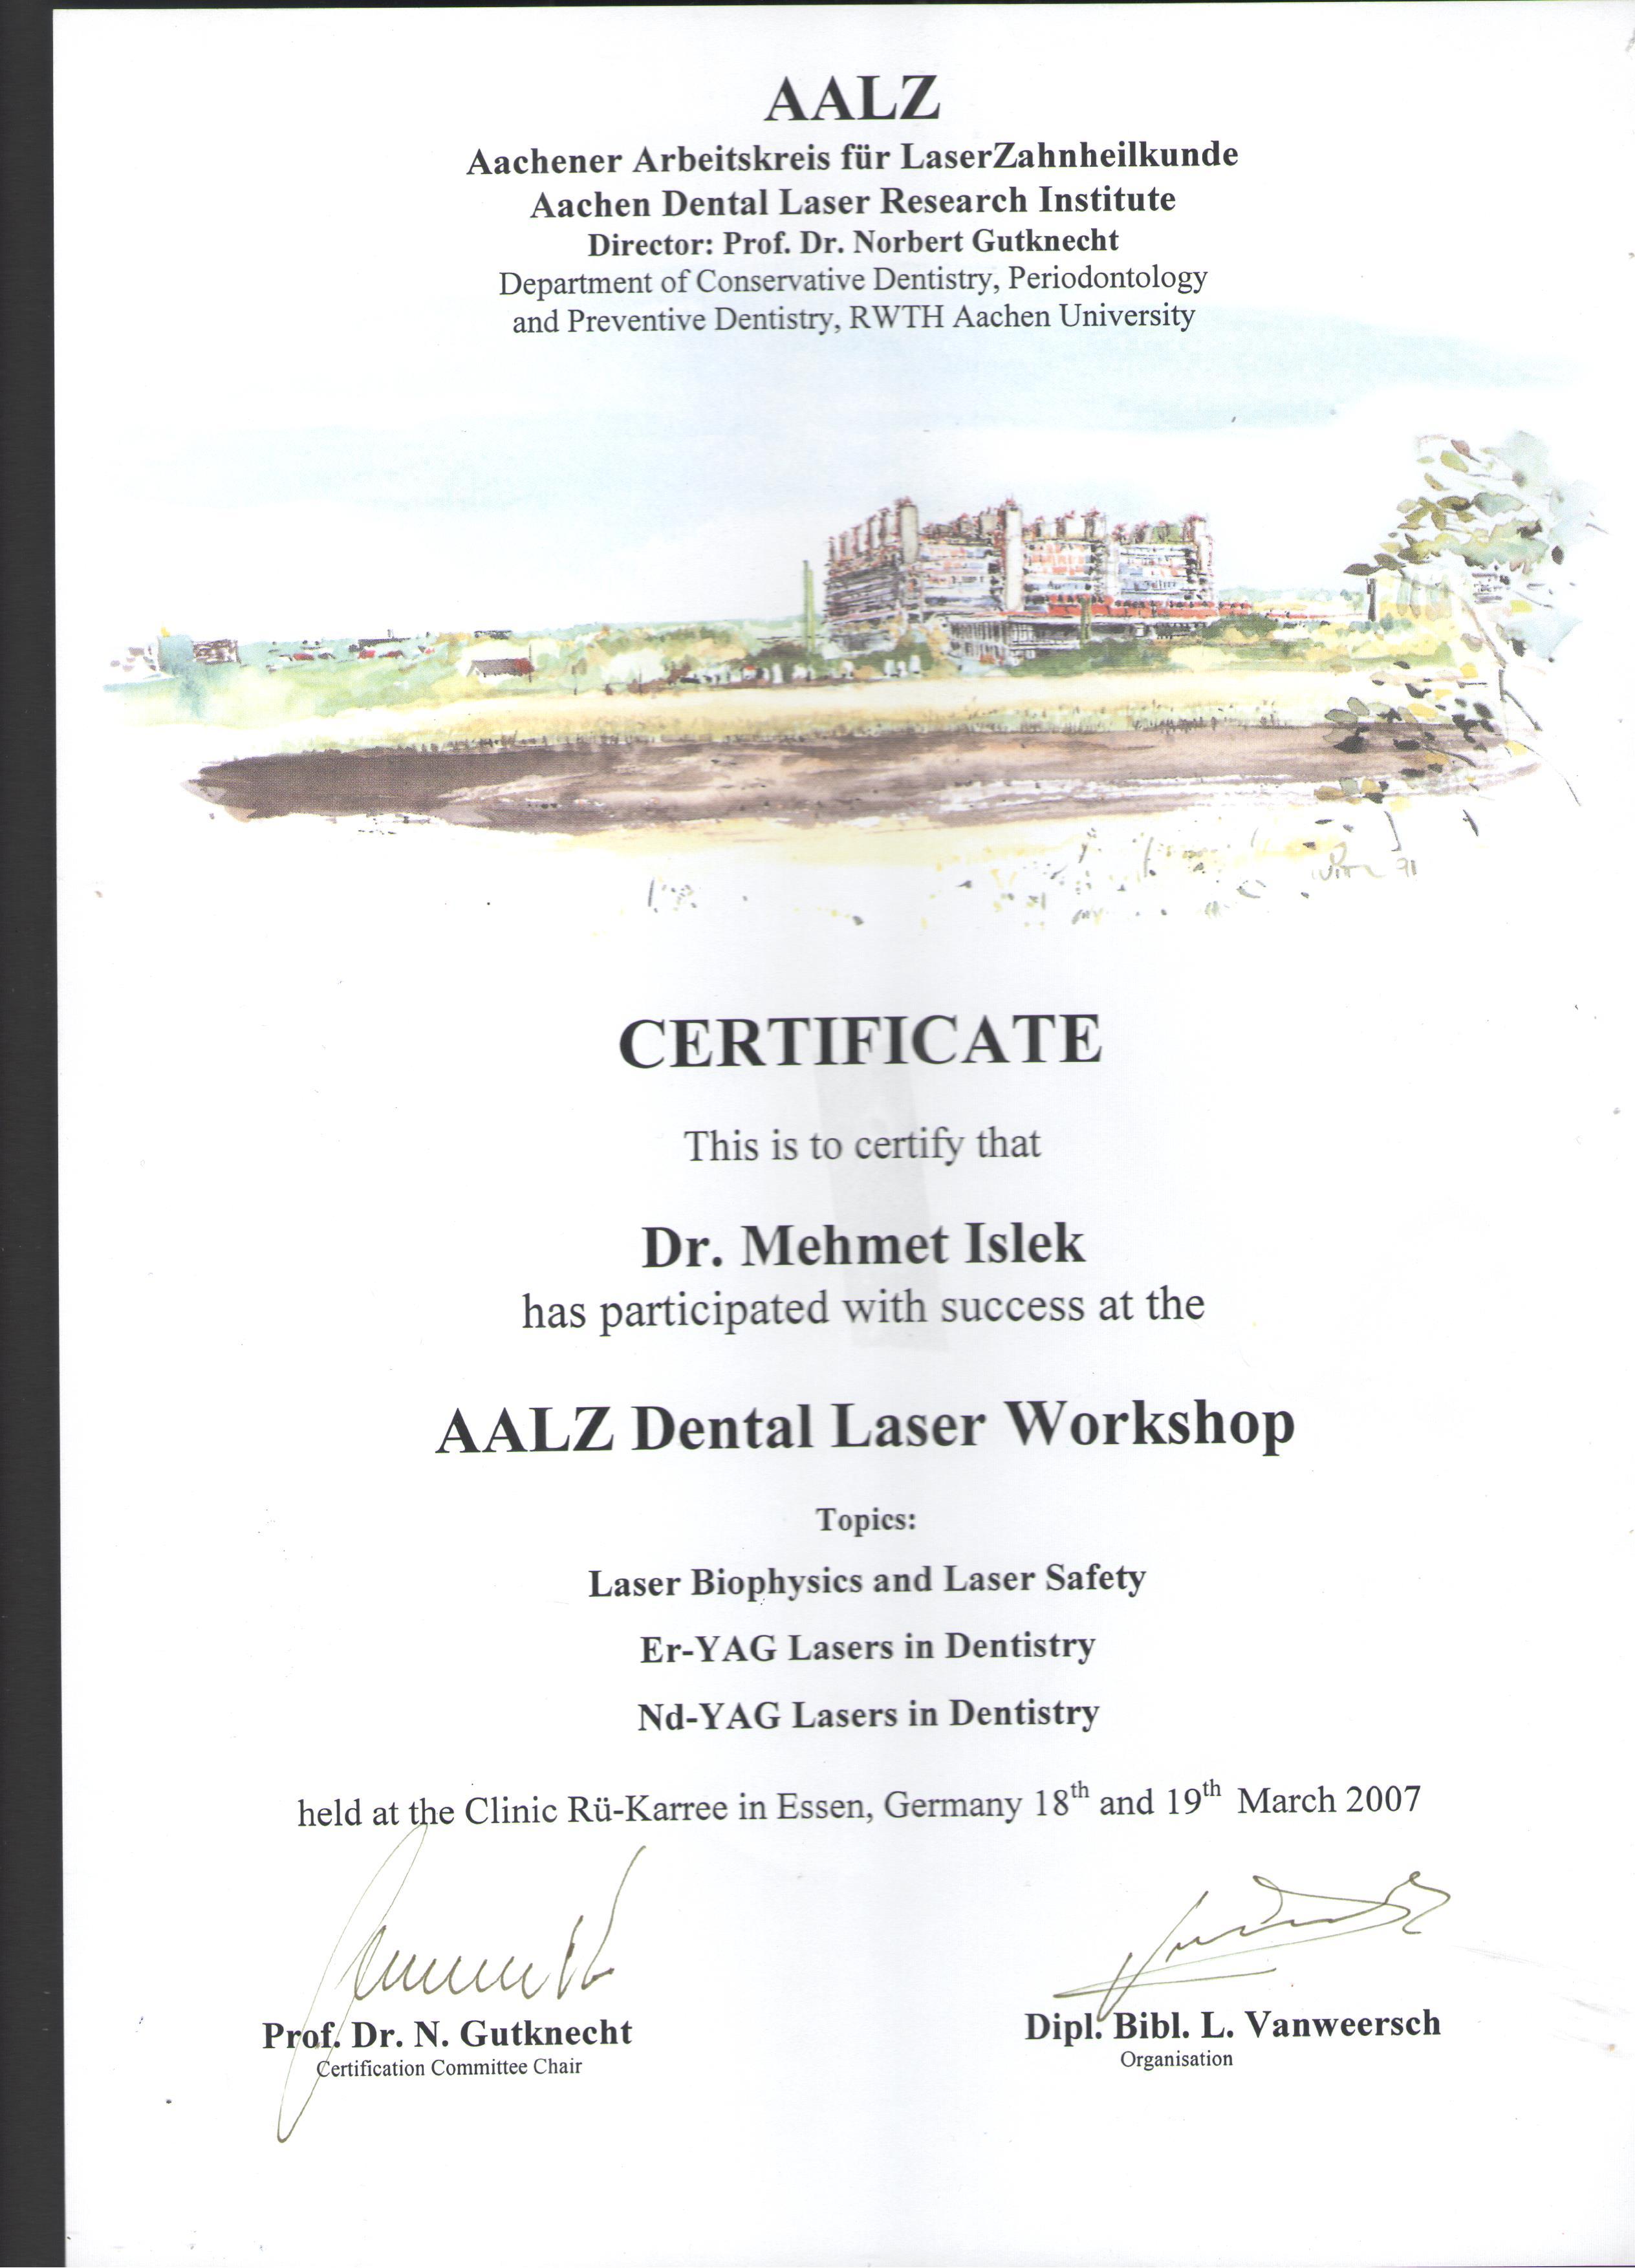 sertifikat 7